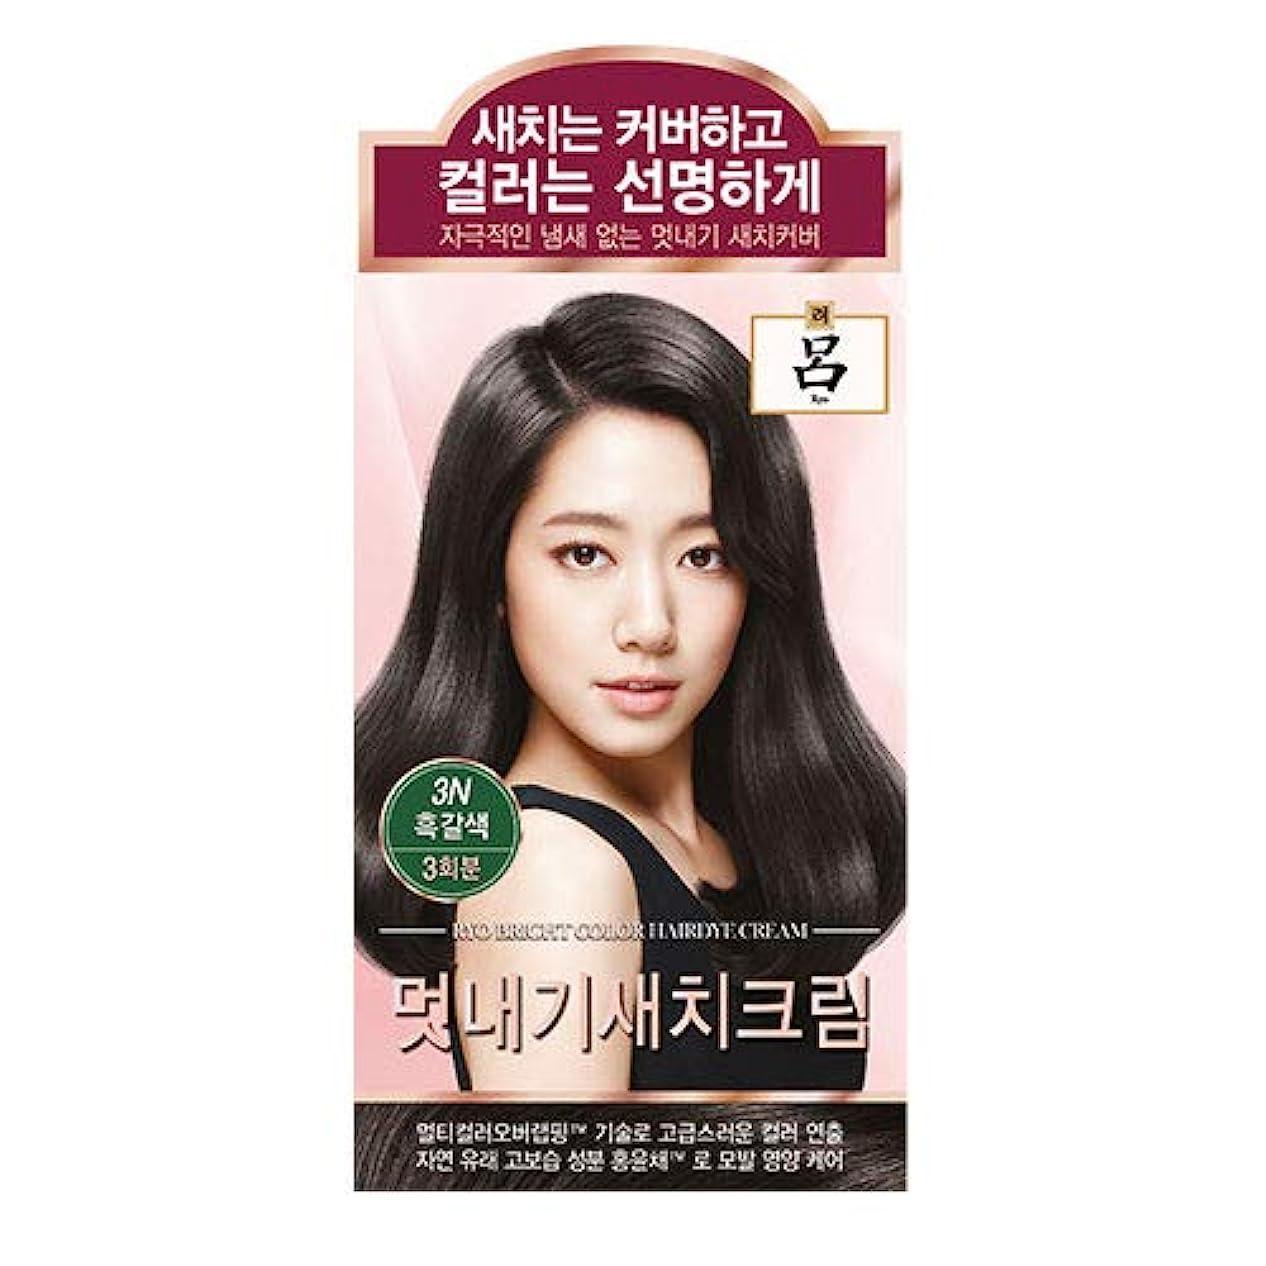 によると液体壁アモーレパシフィック呂[AMOREPACIFIC/Ryo] ブライトカラーヘアアイクリーム 3N ダークブラウン/Bright Color Hairdye Cream 3N Dark Brown